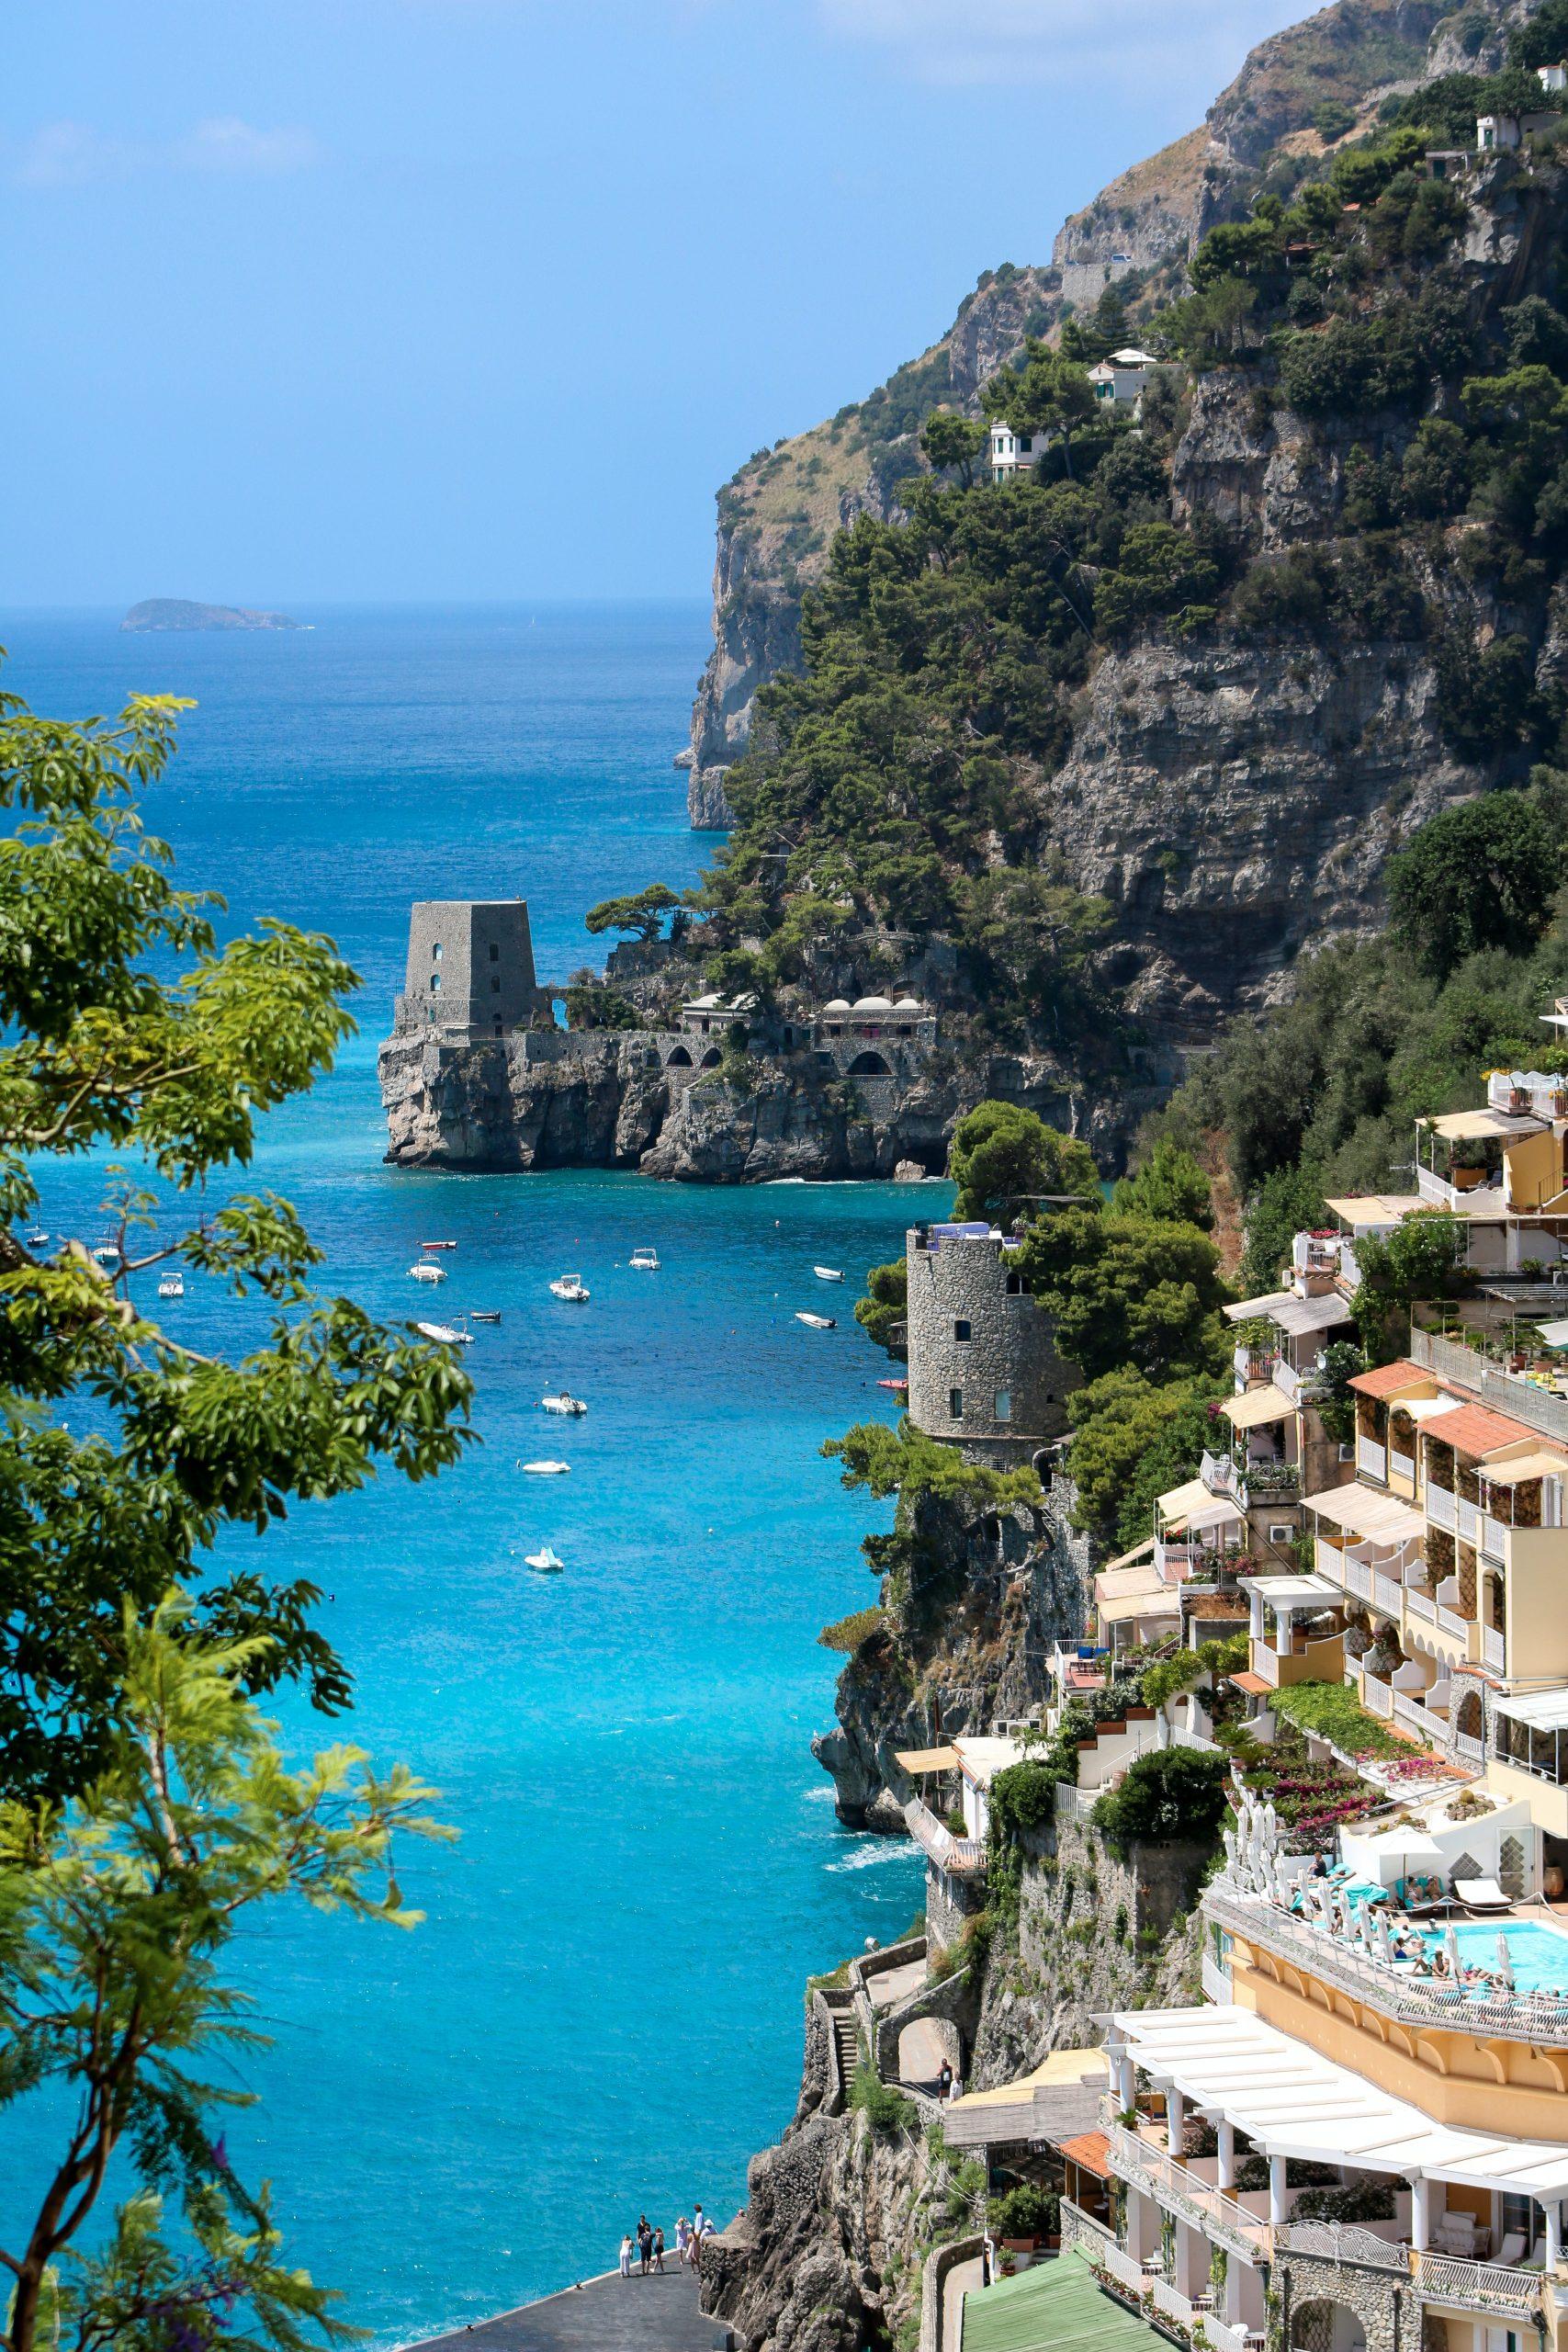 The South, the Sea, and the Amalfi Coast